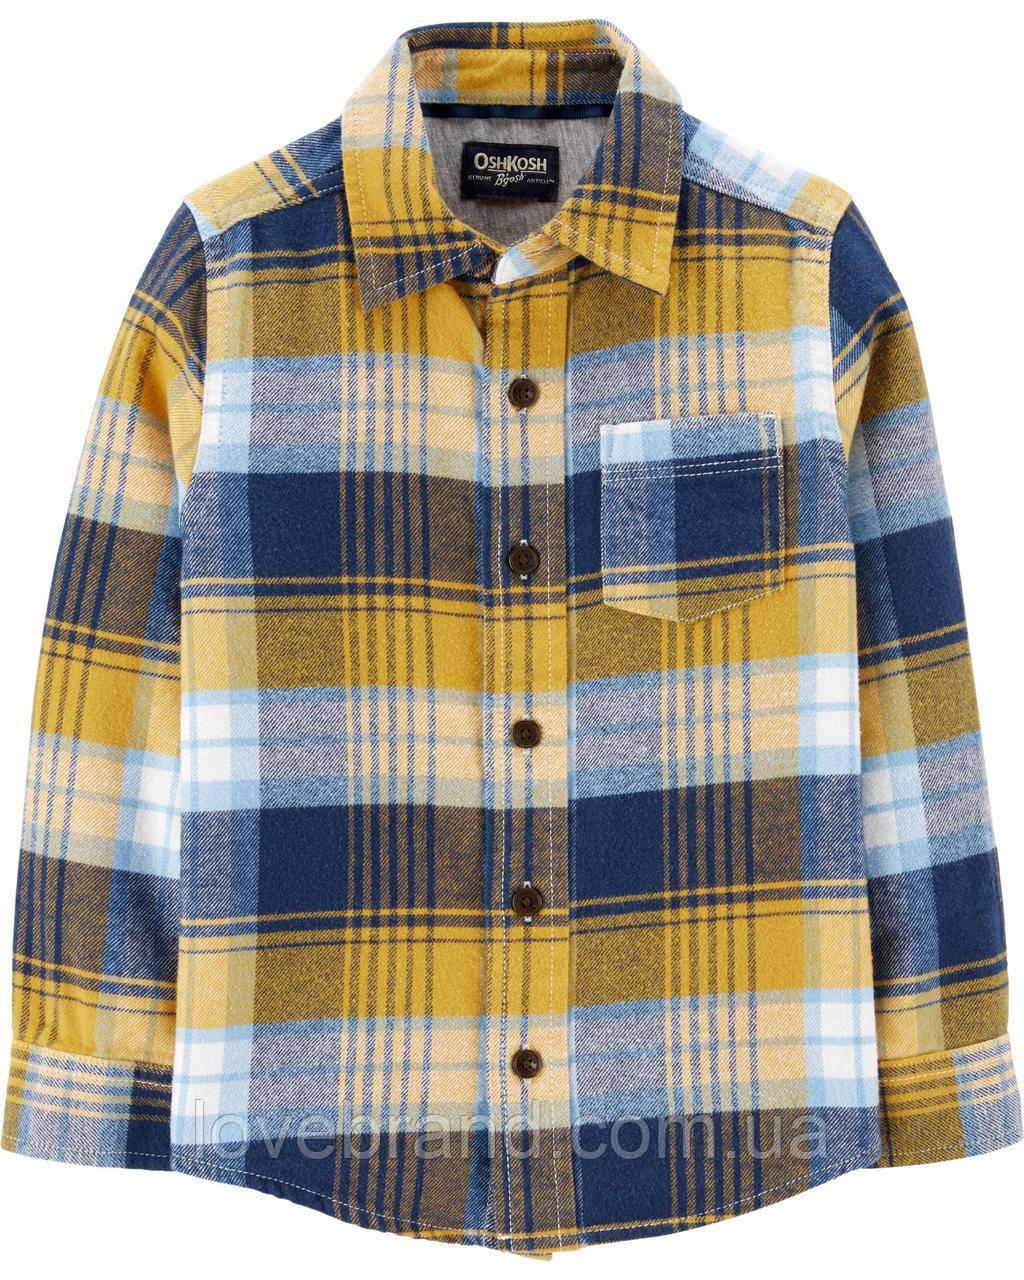 Фланелевая рубашка для мальчика OshKosh (США) горчичная, теплая детская рубашка в клеточку